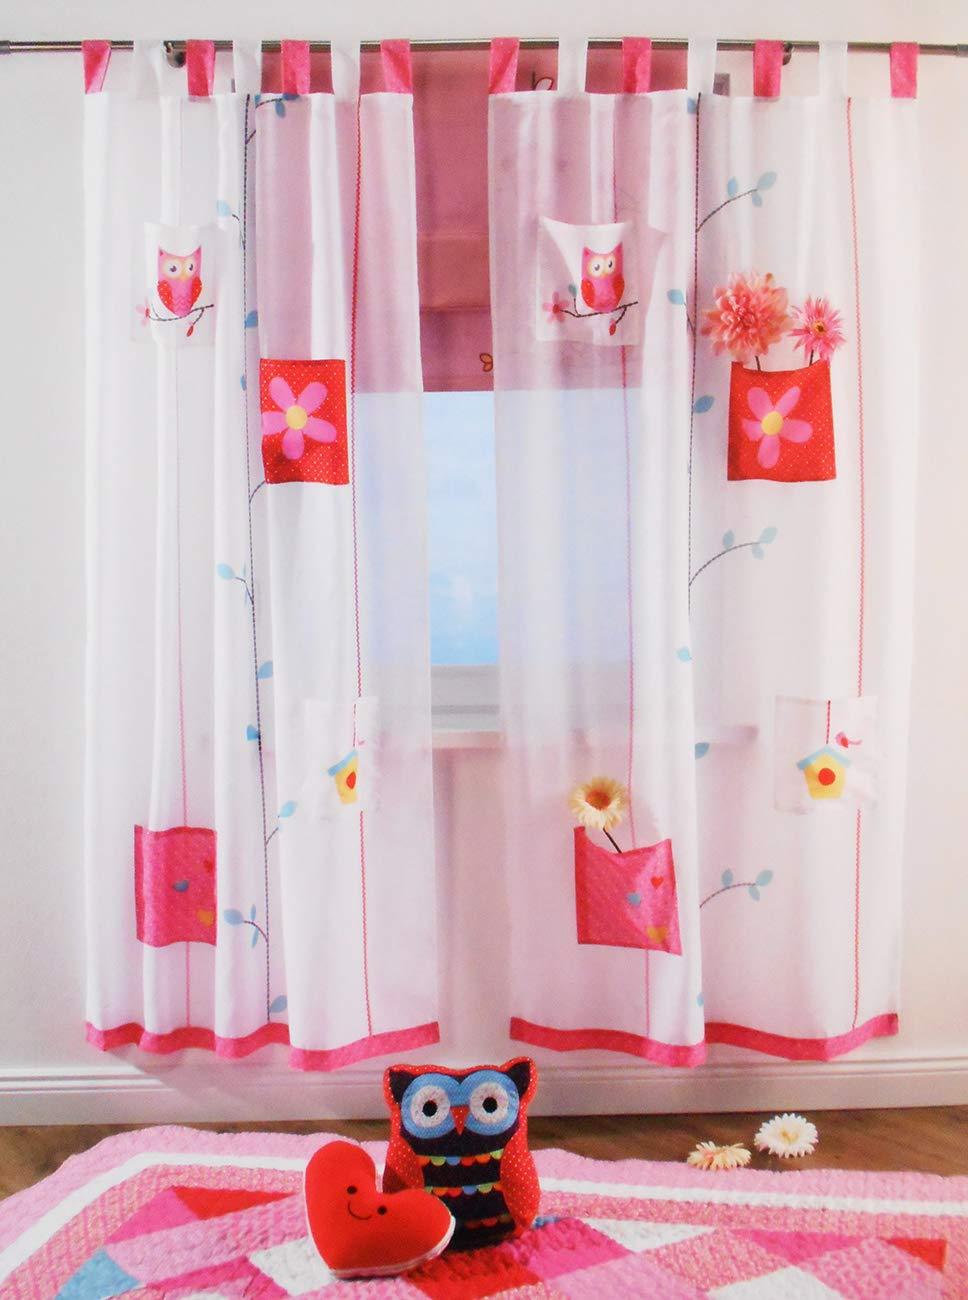 Full Size of Novitesse Vorhang Gardine Dekoschal Blau Und Pink Fr Kinderzimmer Regal Weiß Regale Sofa Kinderzimmer Schlaufenschal Kinderzimmer